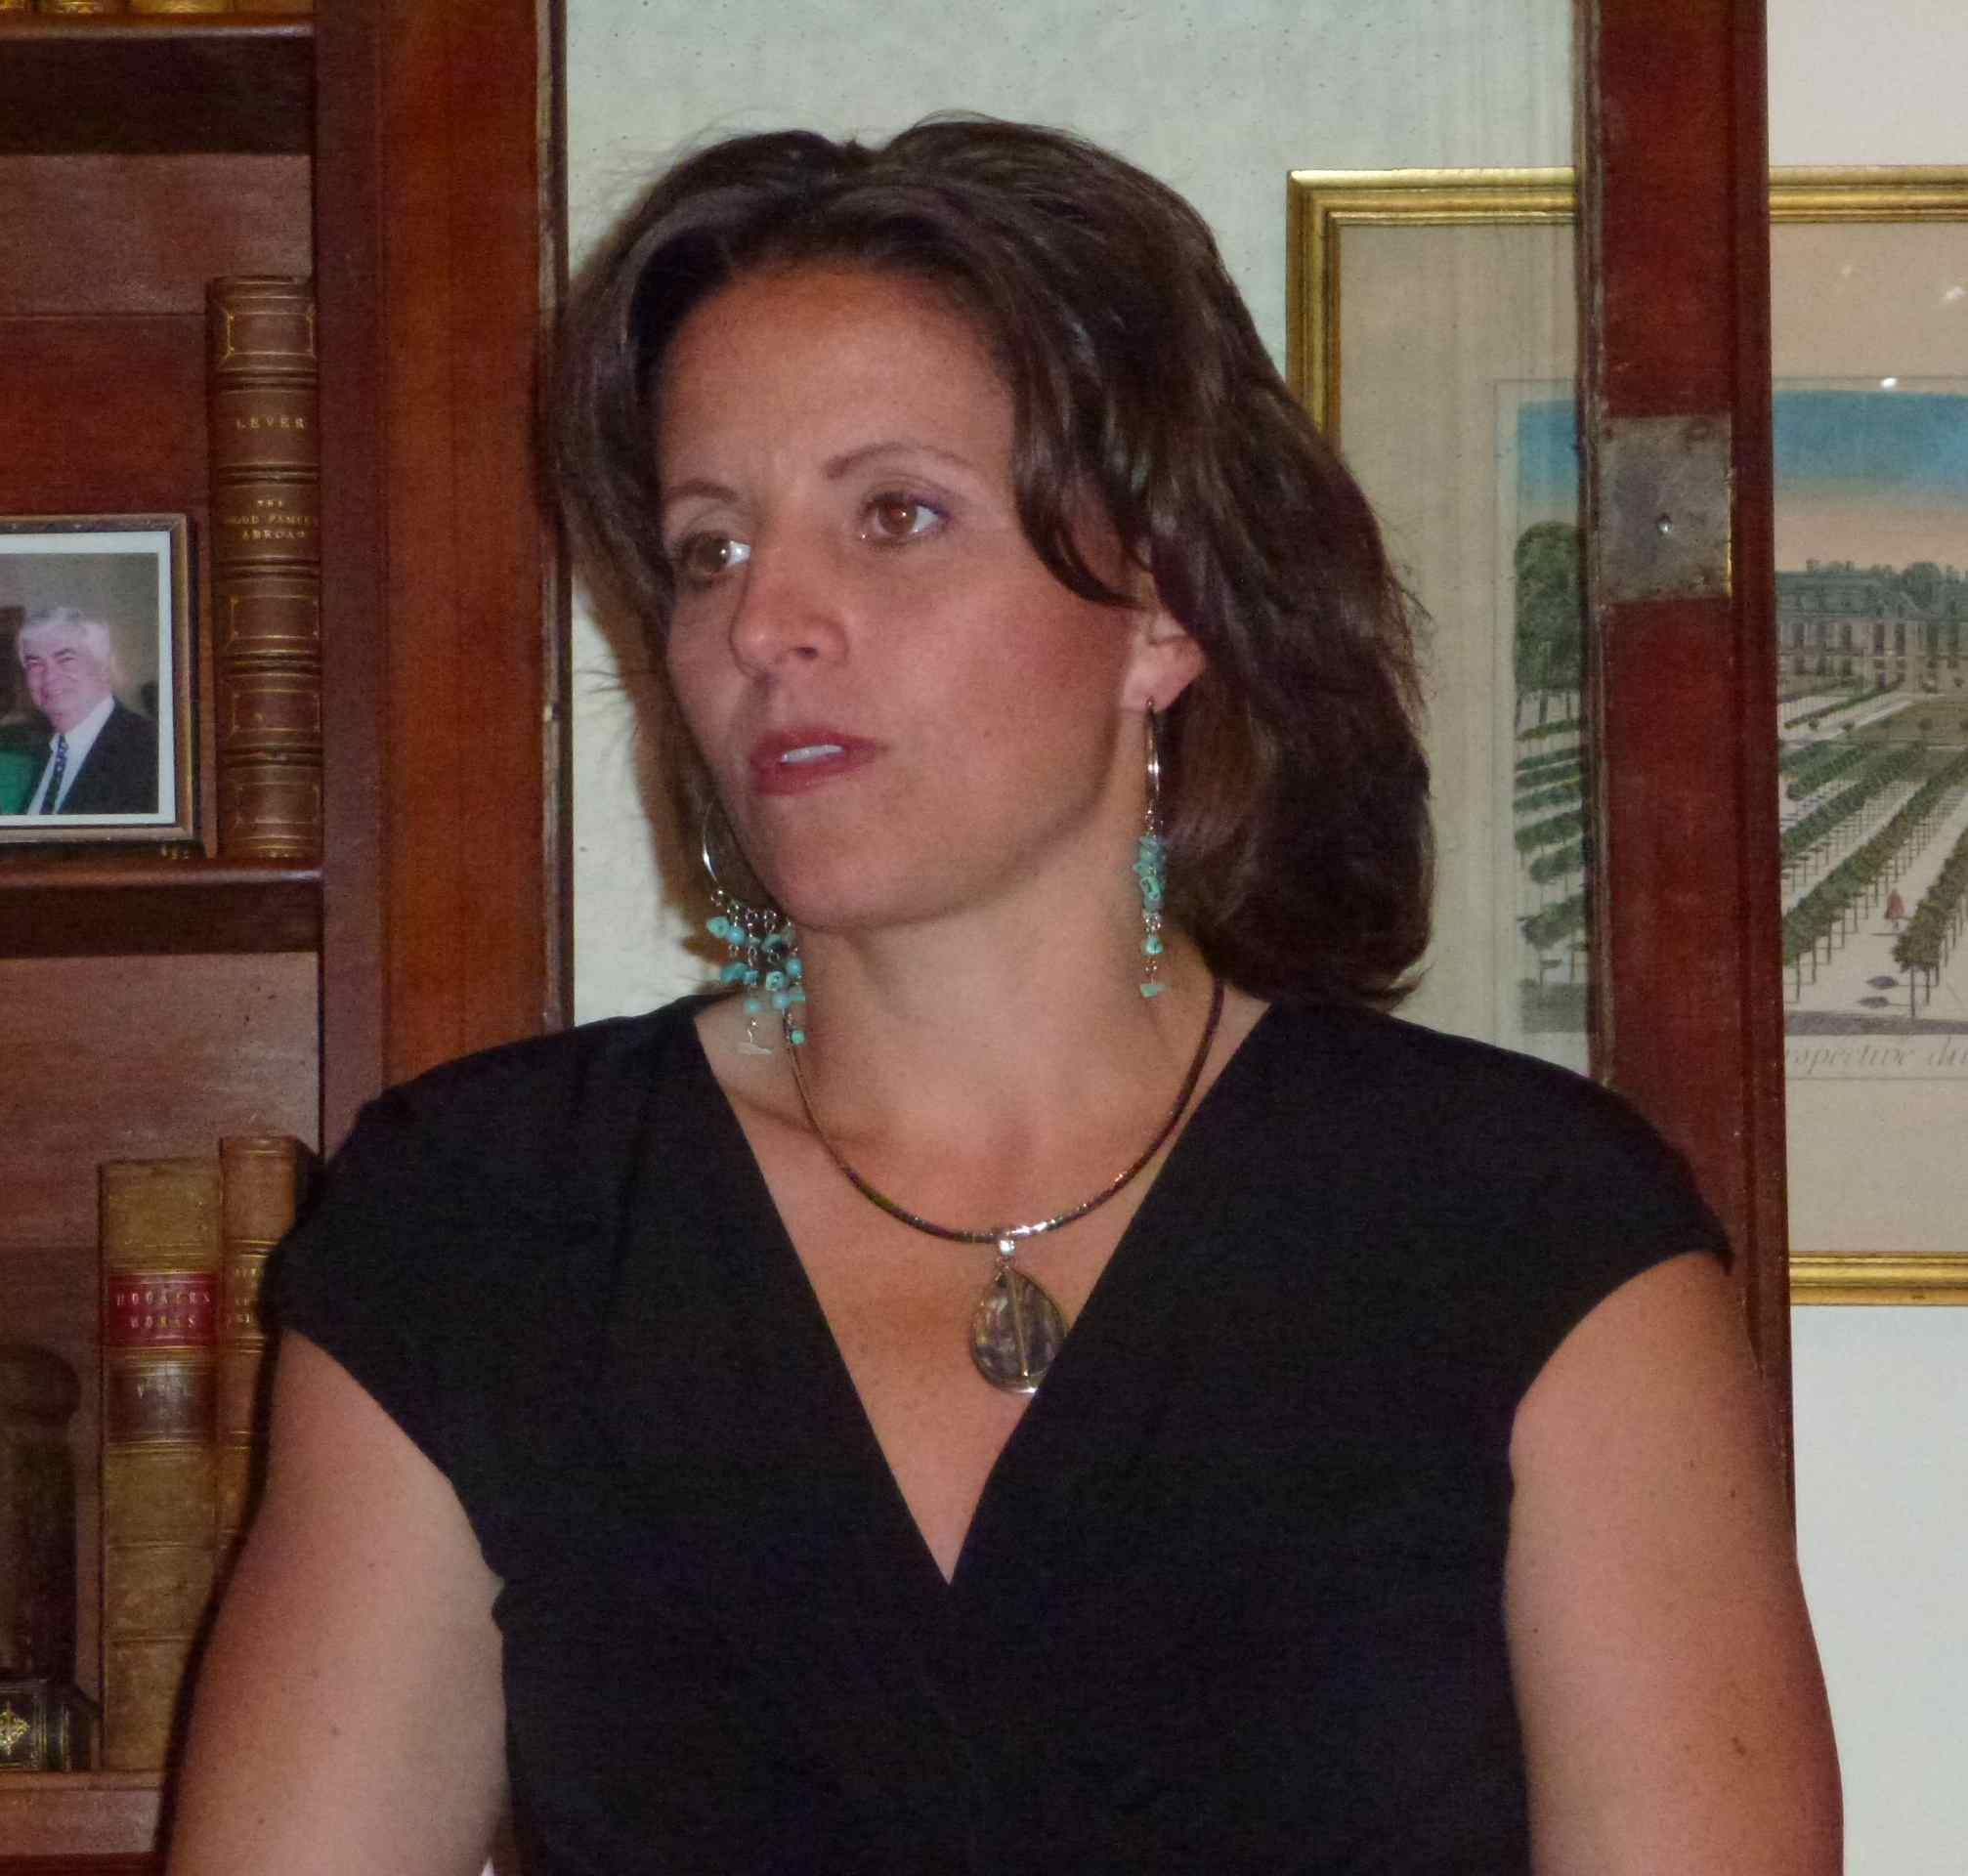 Jennifer Rizzotti - Wikipedia